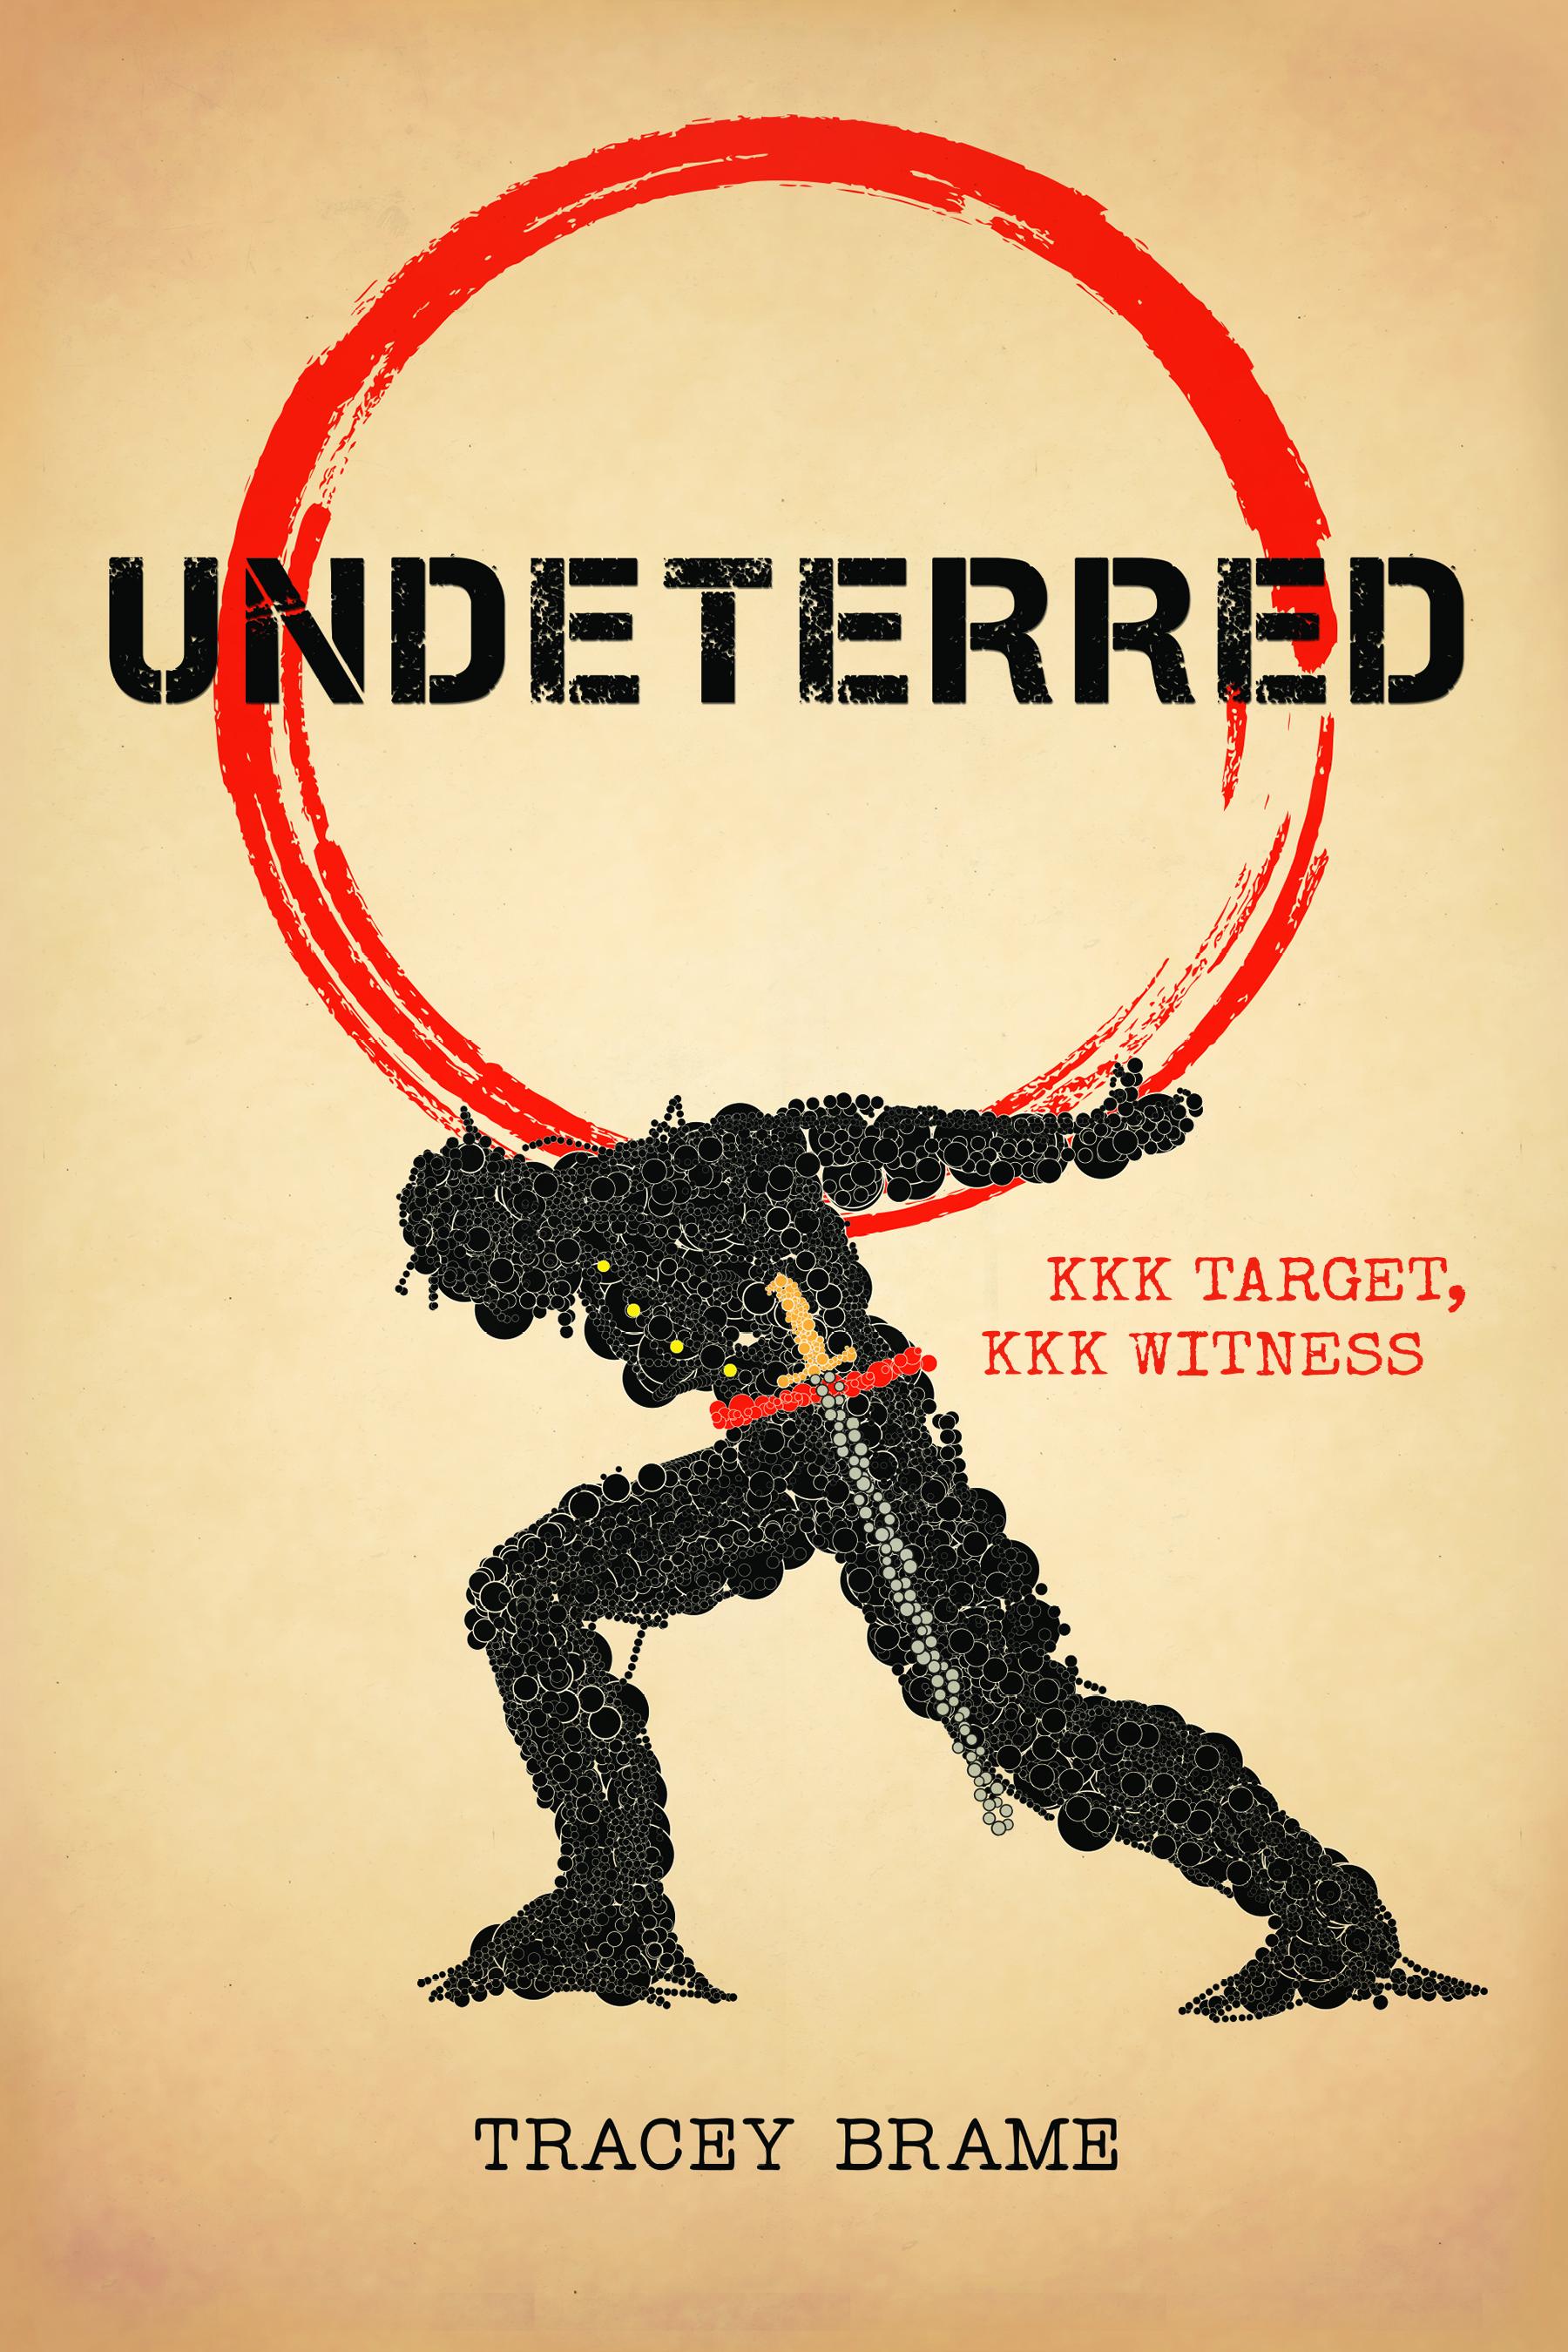 Undeterred KKK Target KKK Witness